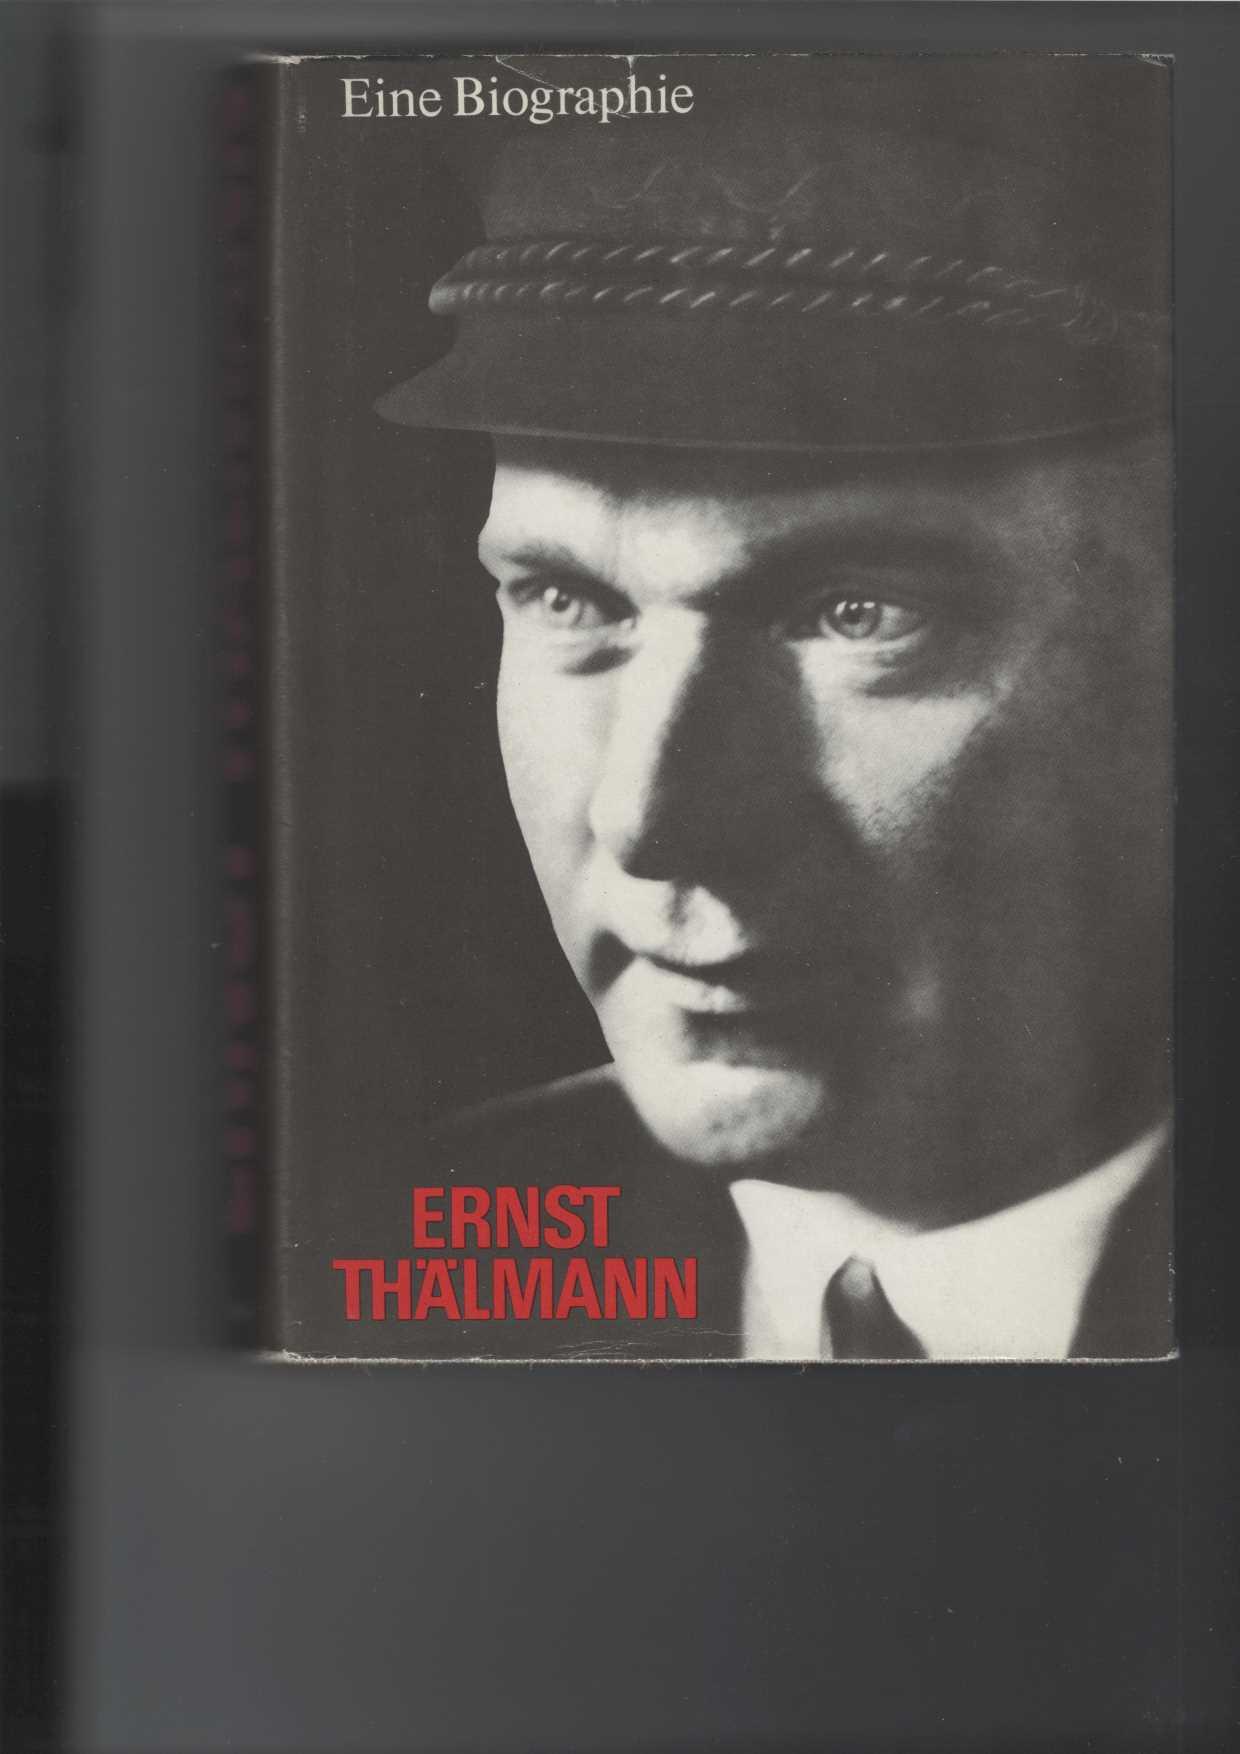 Ernst Thälmann - Eine Biographie. In einem Band. Herausgeber: Institut für Marxismus-Leninismus beim Zentralkommitee der SED. Mit 1 Frontispiz und 137 Abbildungen. 2. Aufl.,